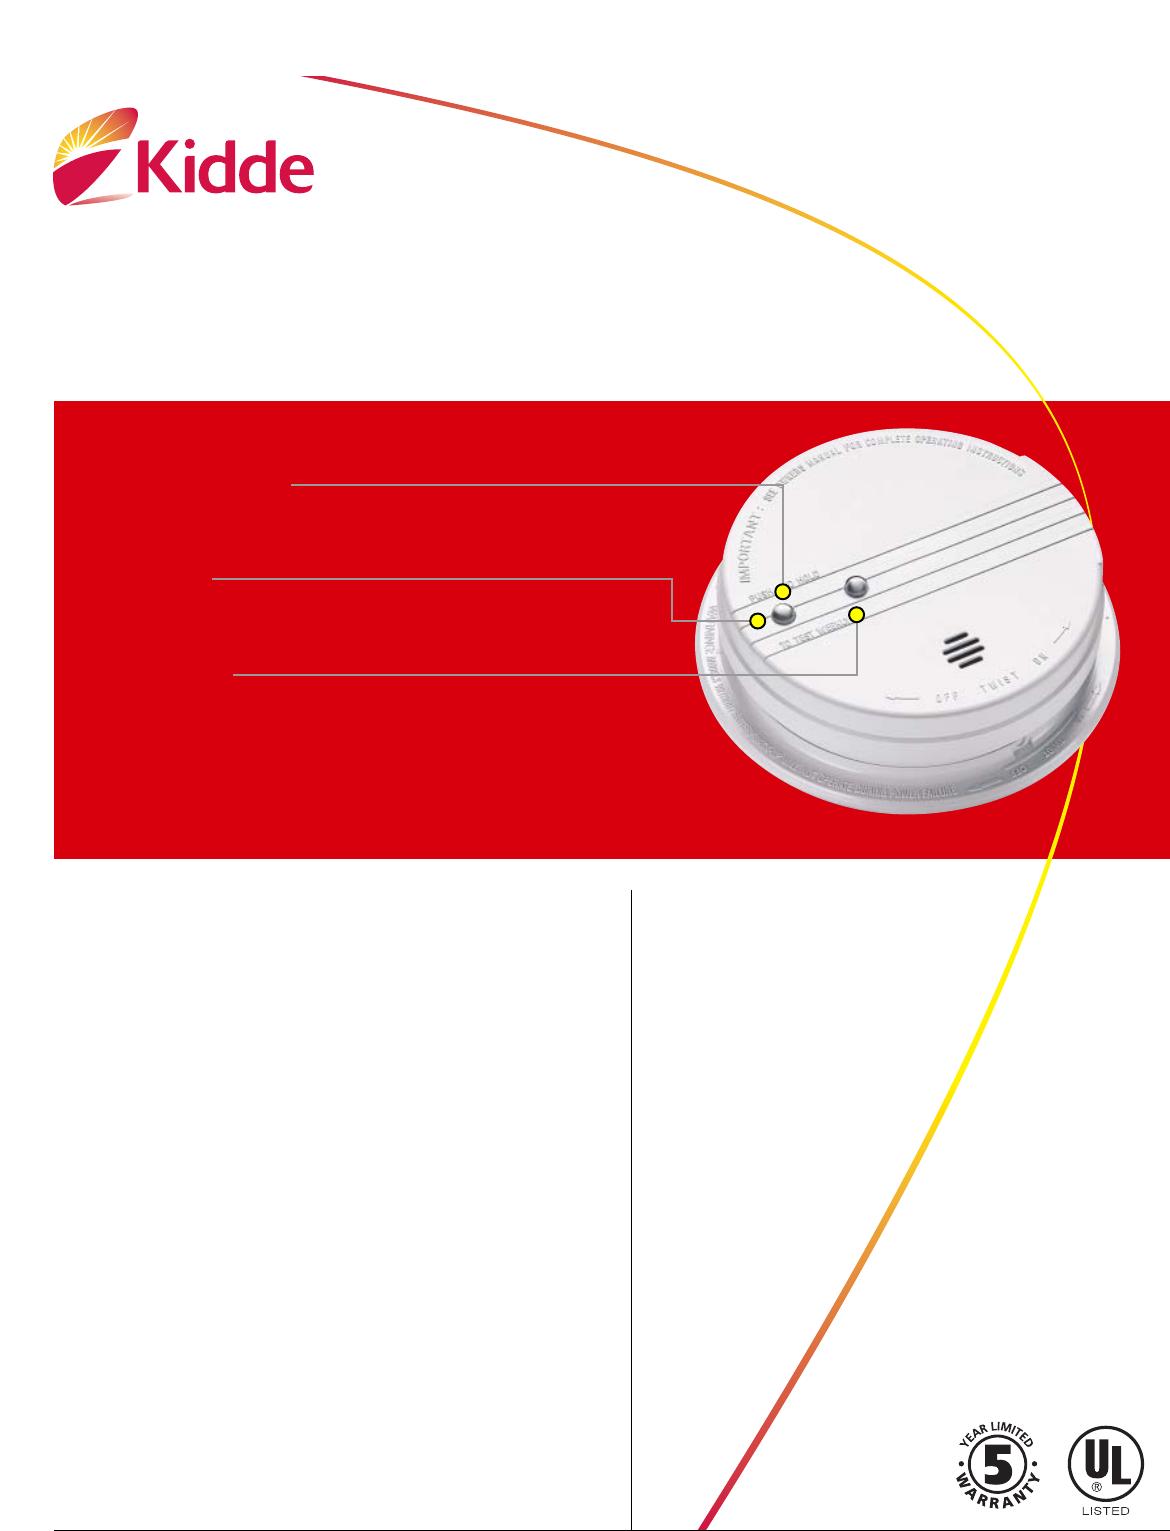 kidde smoke alarm 1275e user guide manualsonline com